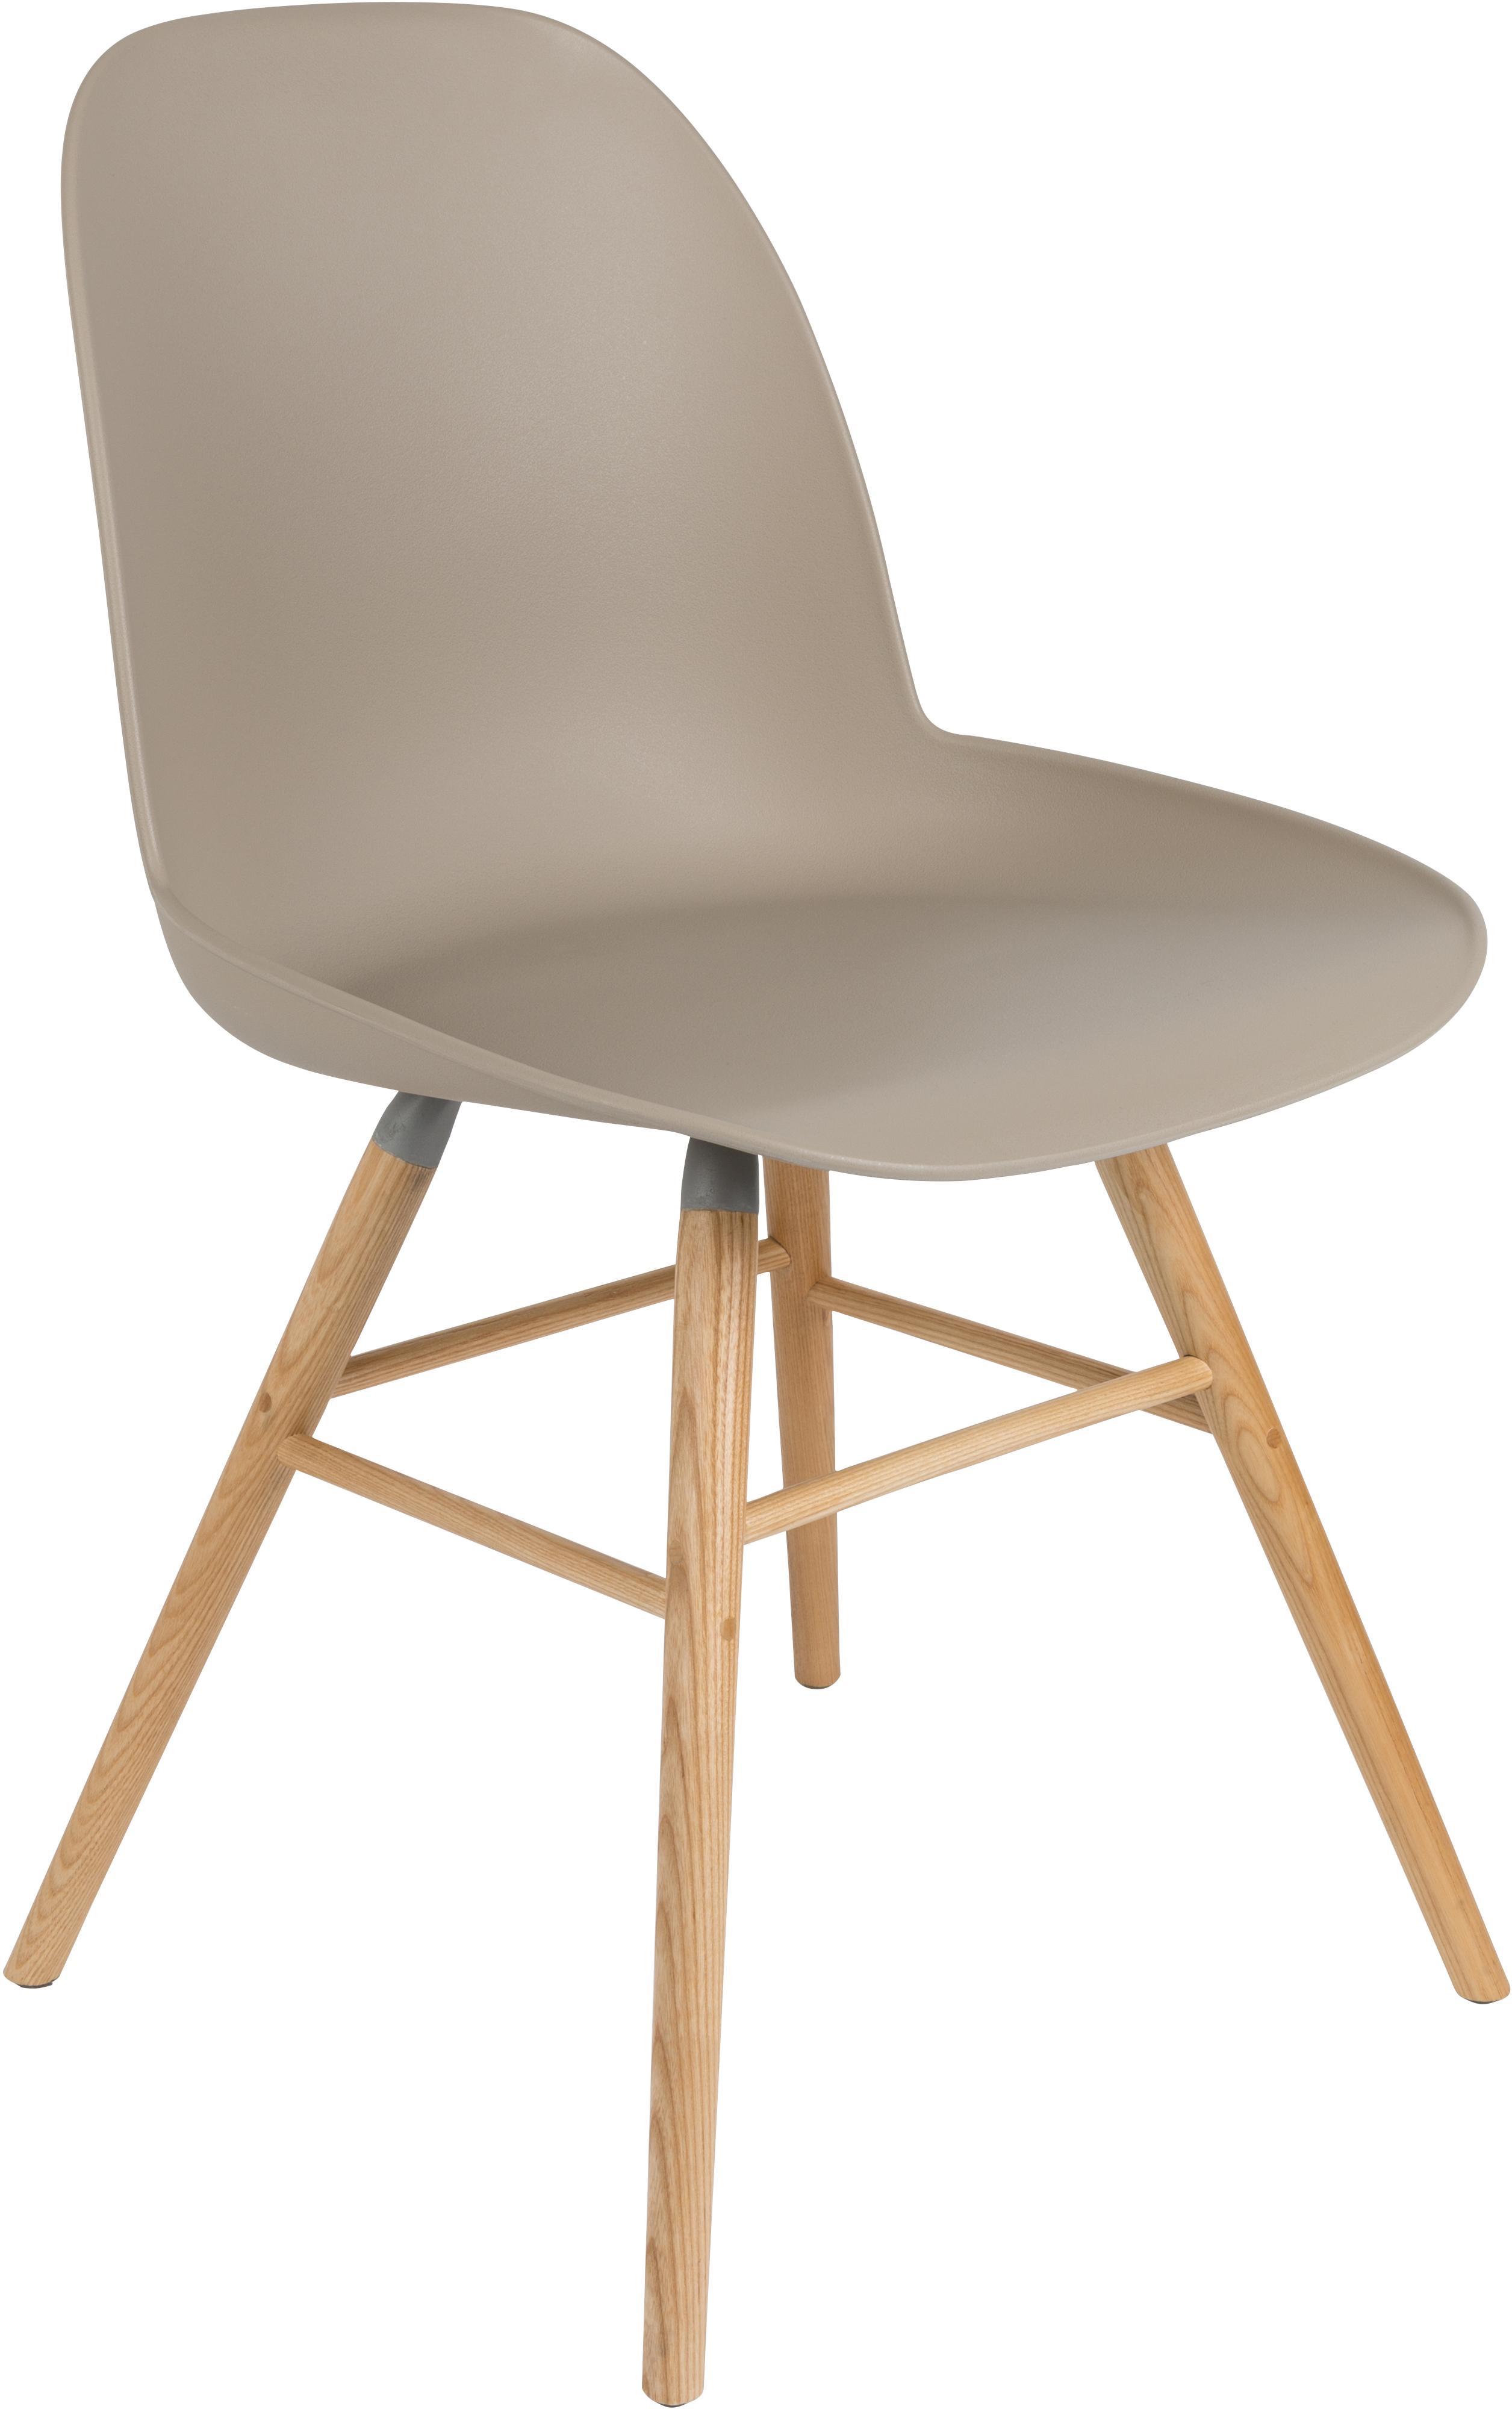 Silla Albert Kuip, Asiento: 100% polipropileno, Patas: madera de fresno, Gris pardo, An 49 x Al 82 cm